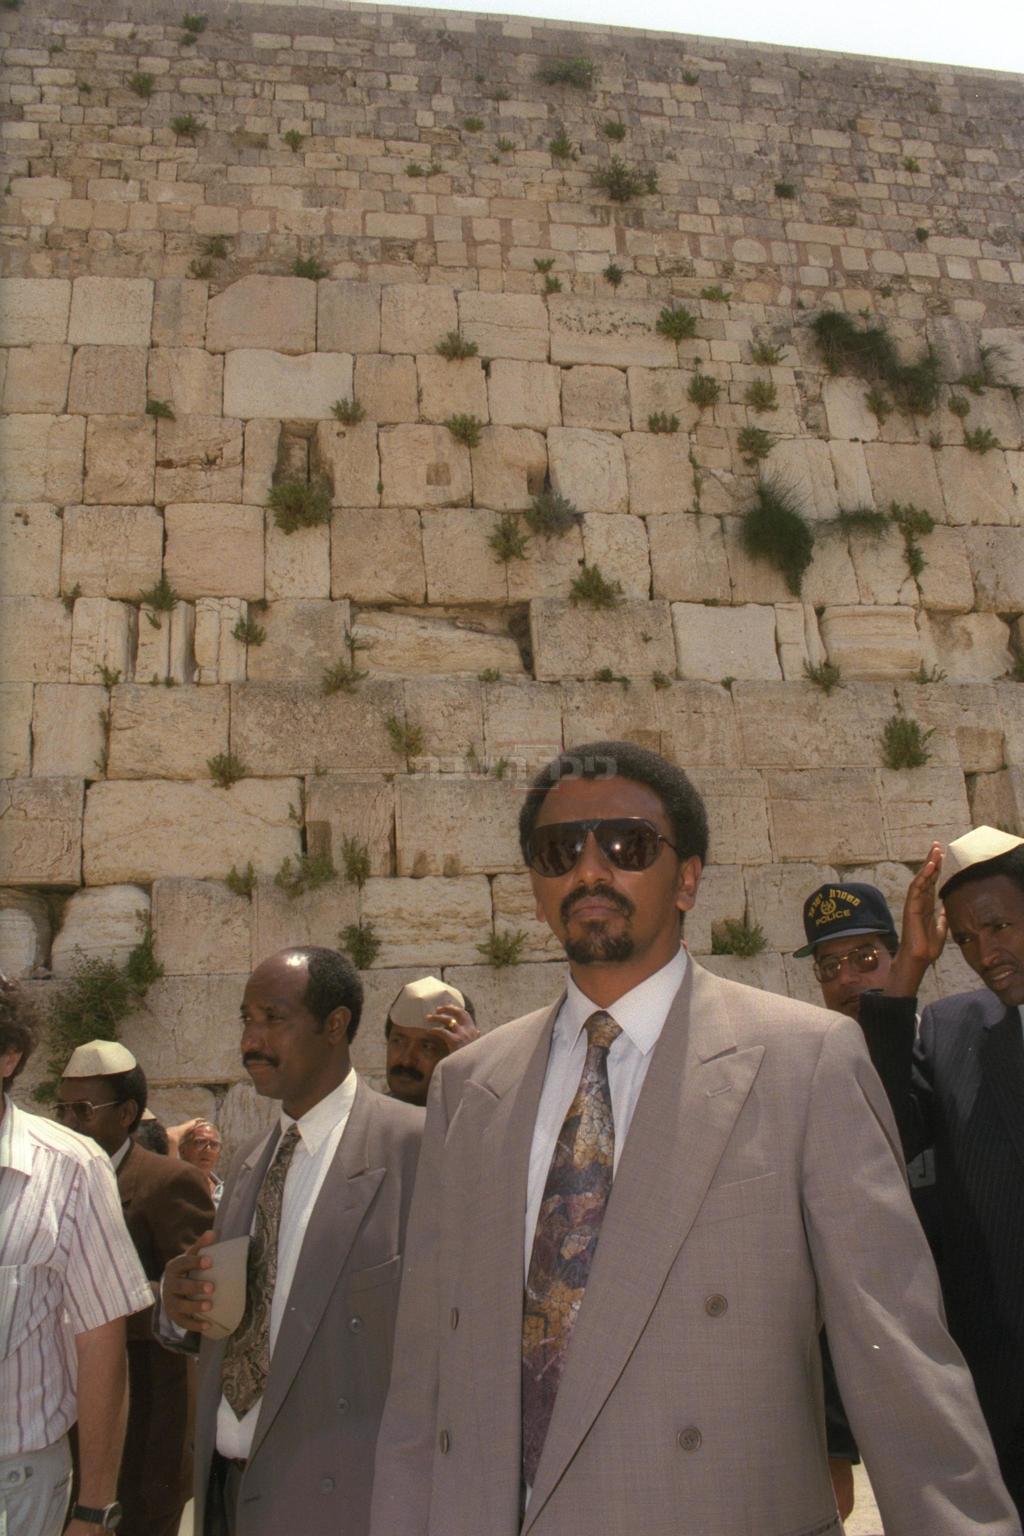 יהודי אתיופיה מבקרים לראשונה בכותל המערבי. שמעון פרס עם עולי אתיופיה. באדיבות: לשכת העיתונות הממשלתית